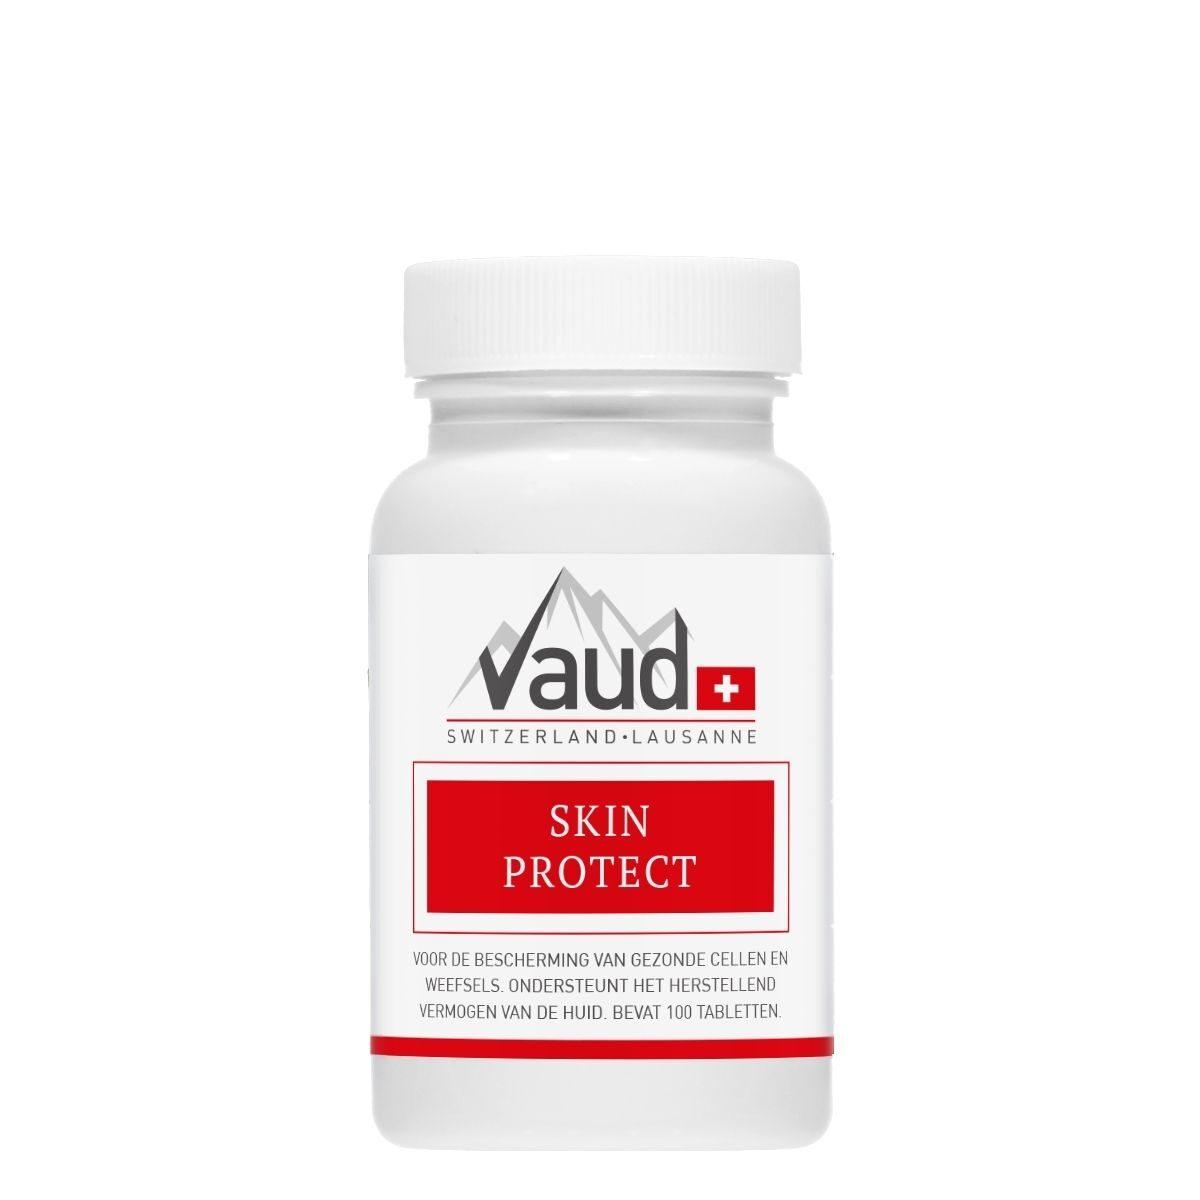 supplement huid bescherming